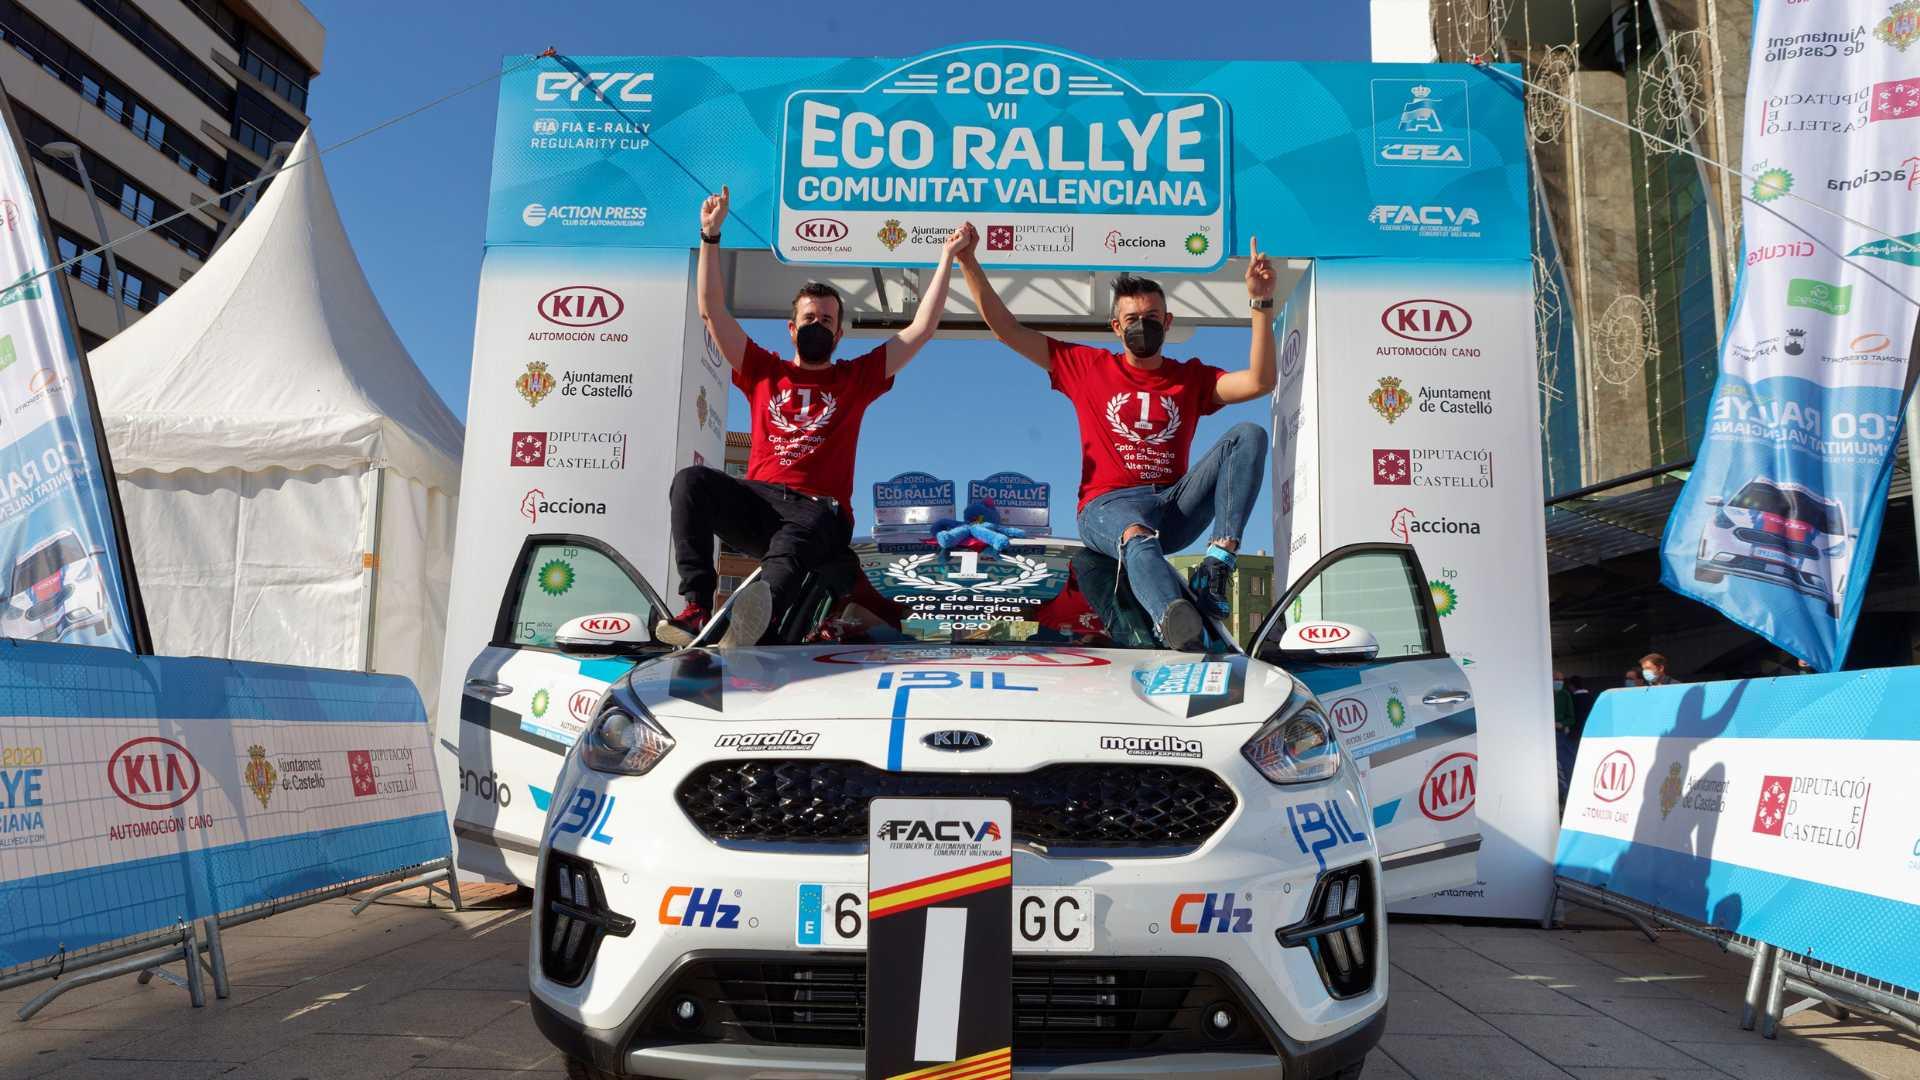 Eco Rallye de la Comunitat Valenciana